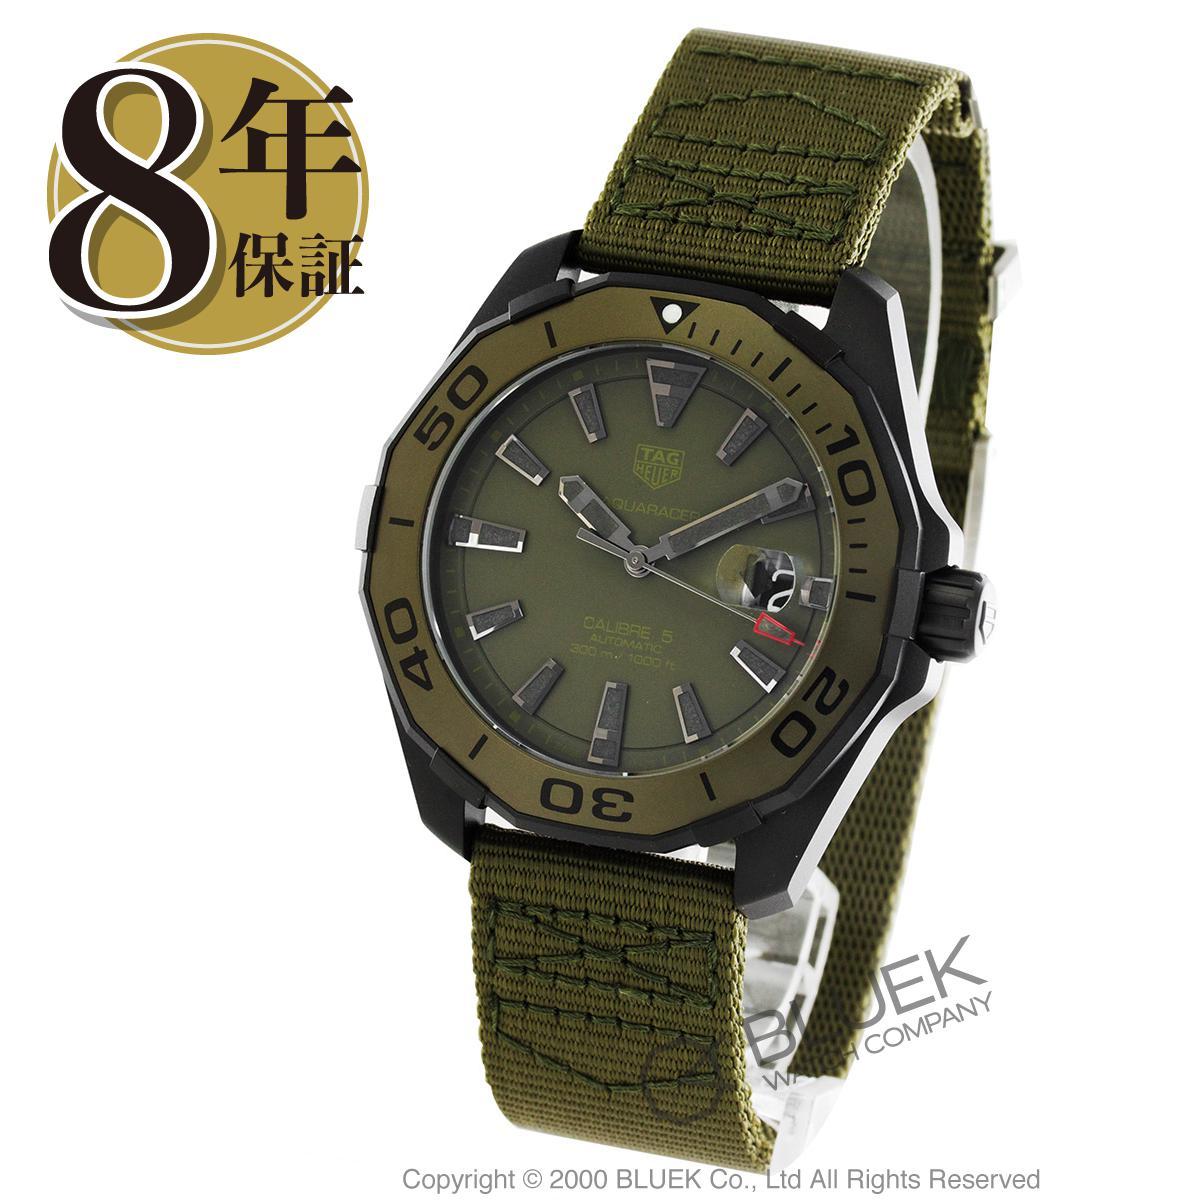 タグホイヤー アクアレーサー 300m防水 腕時計 メンズ TAG Heuer WAY208E.FC8222_8